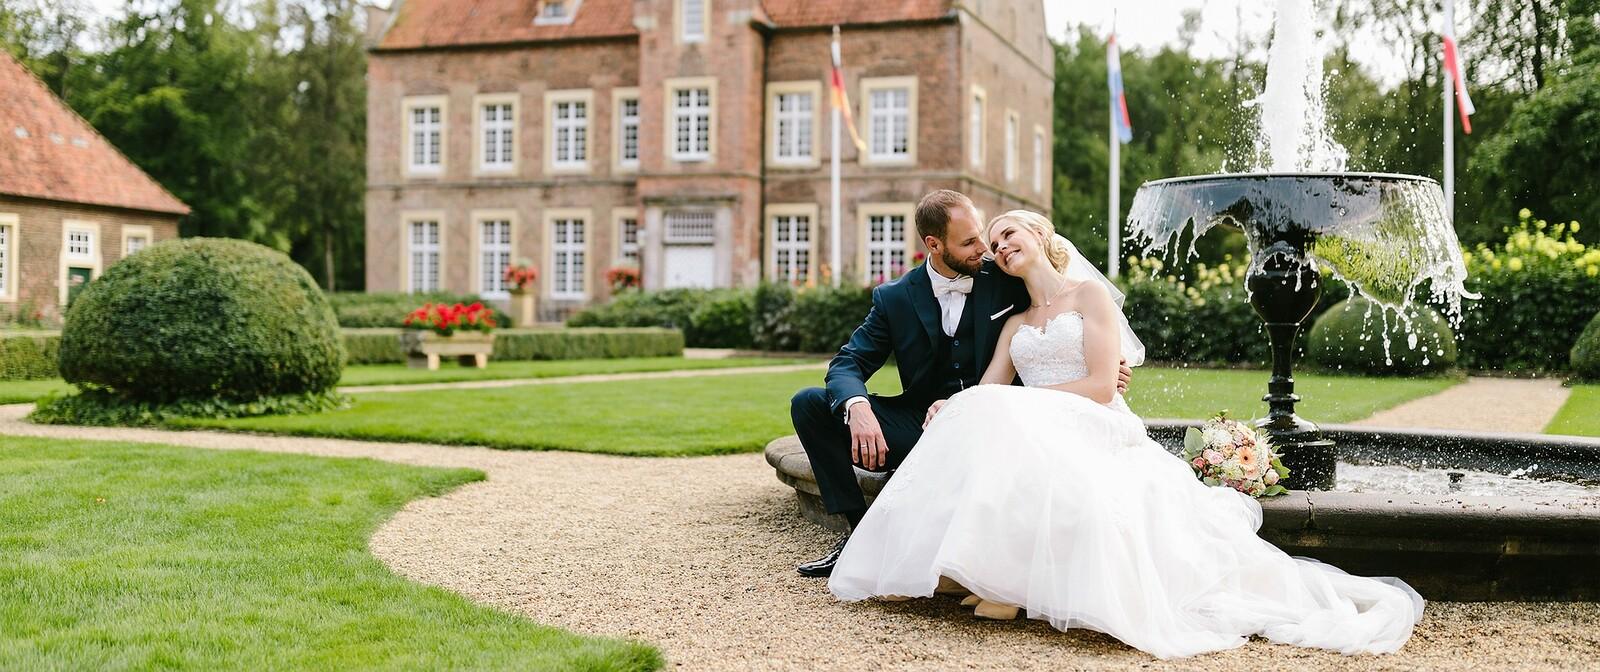 Hochzeitspaar im Park vor einem Springbrunnen